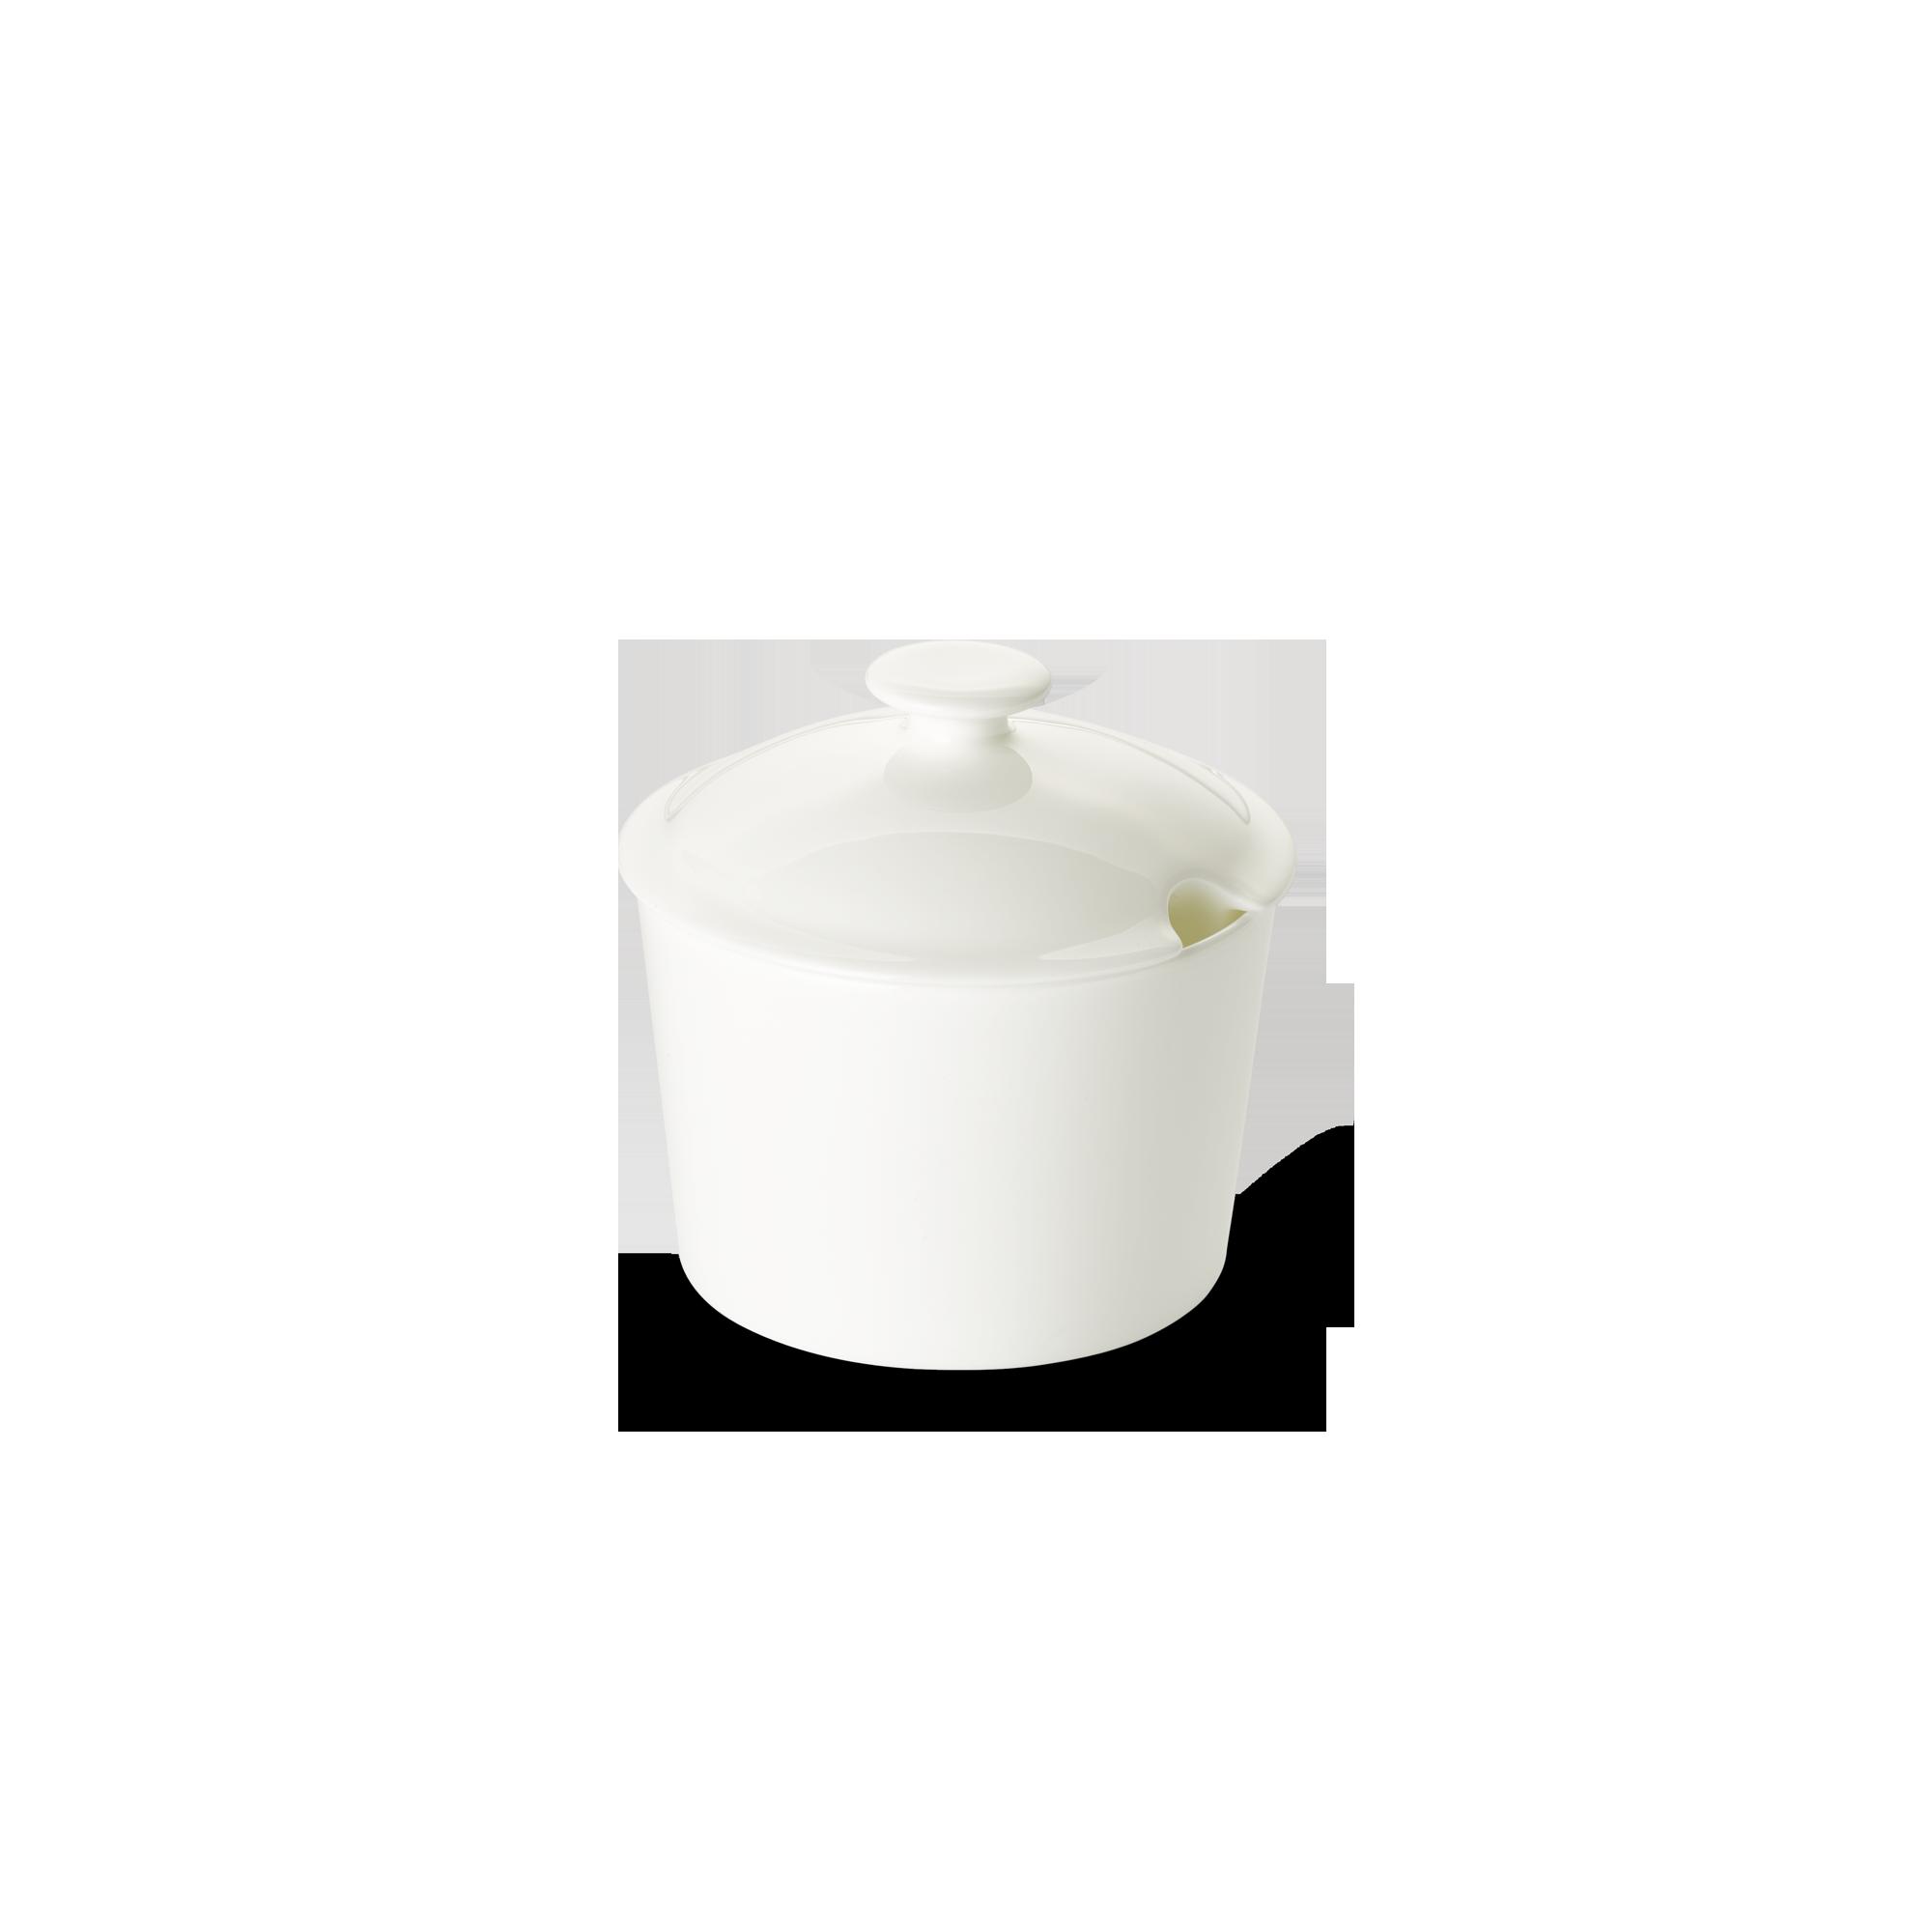 Deckel für Zuckerdose Konisch 0,24 l Fine Bone China Konisch-Zylindrisch Weiss Dibbern